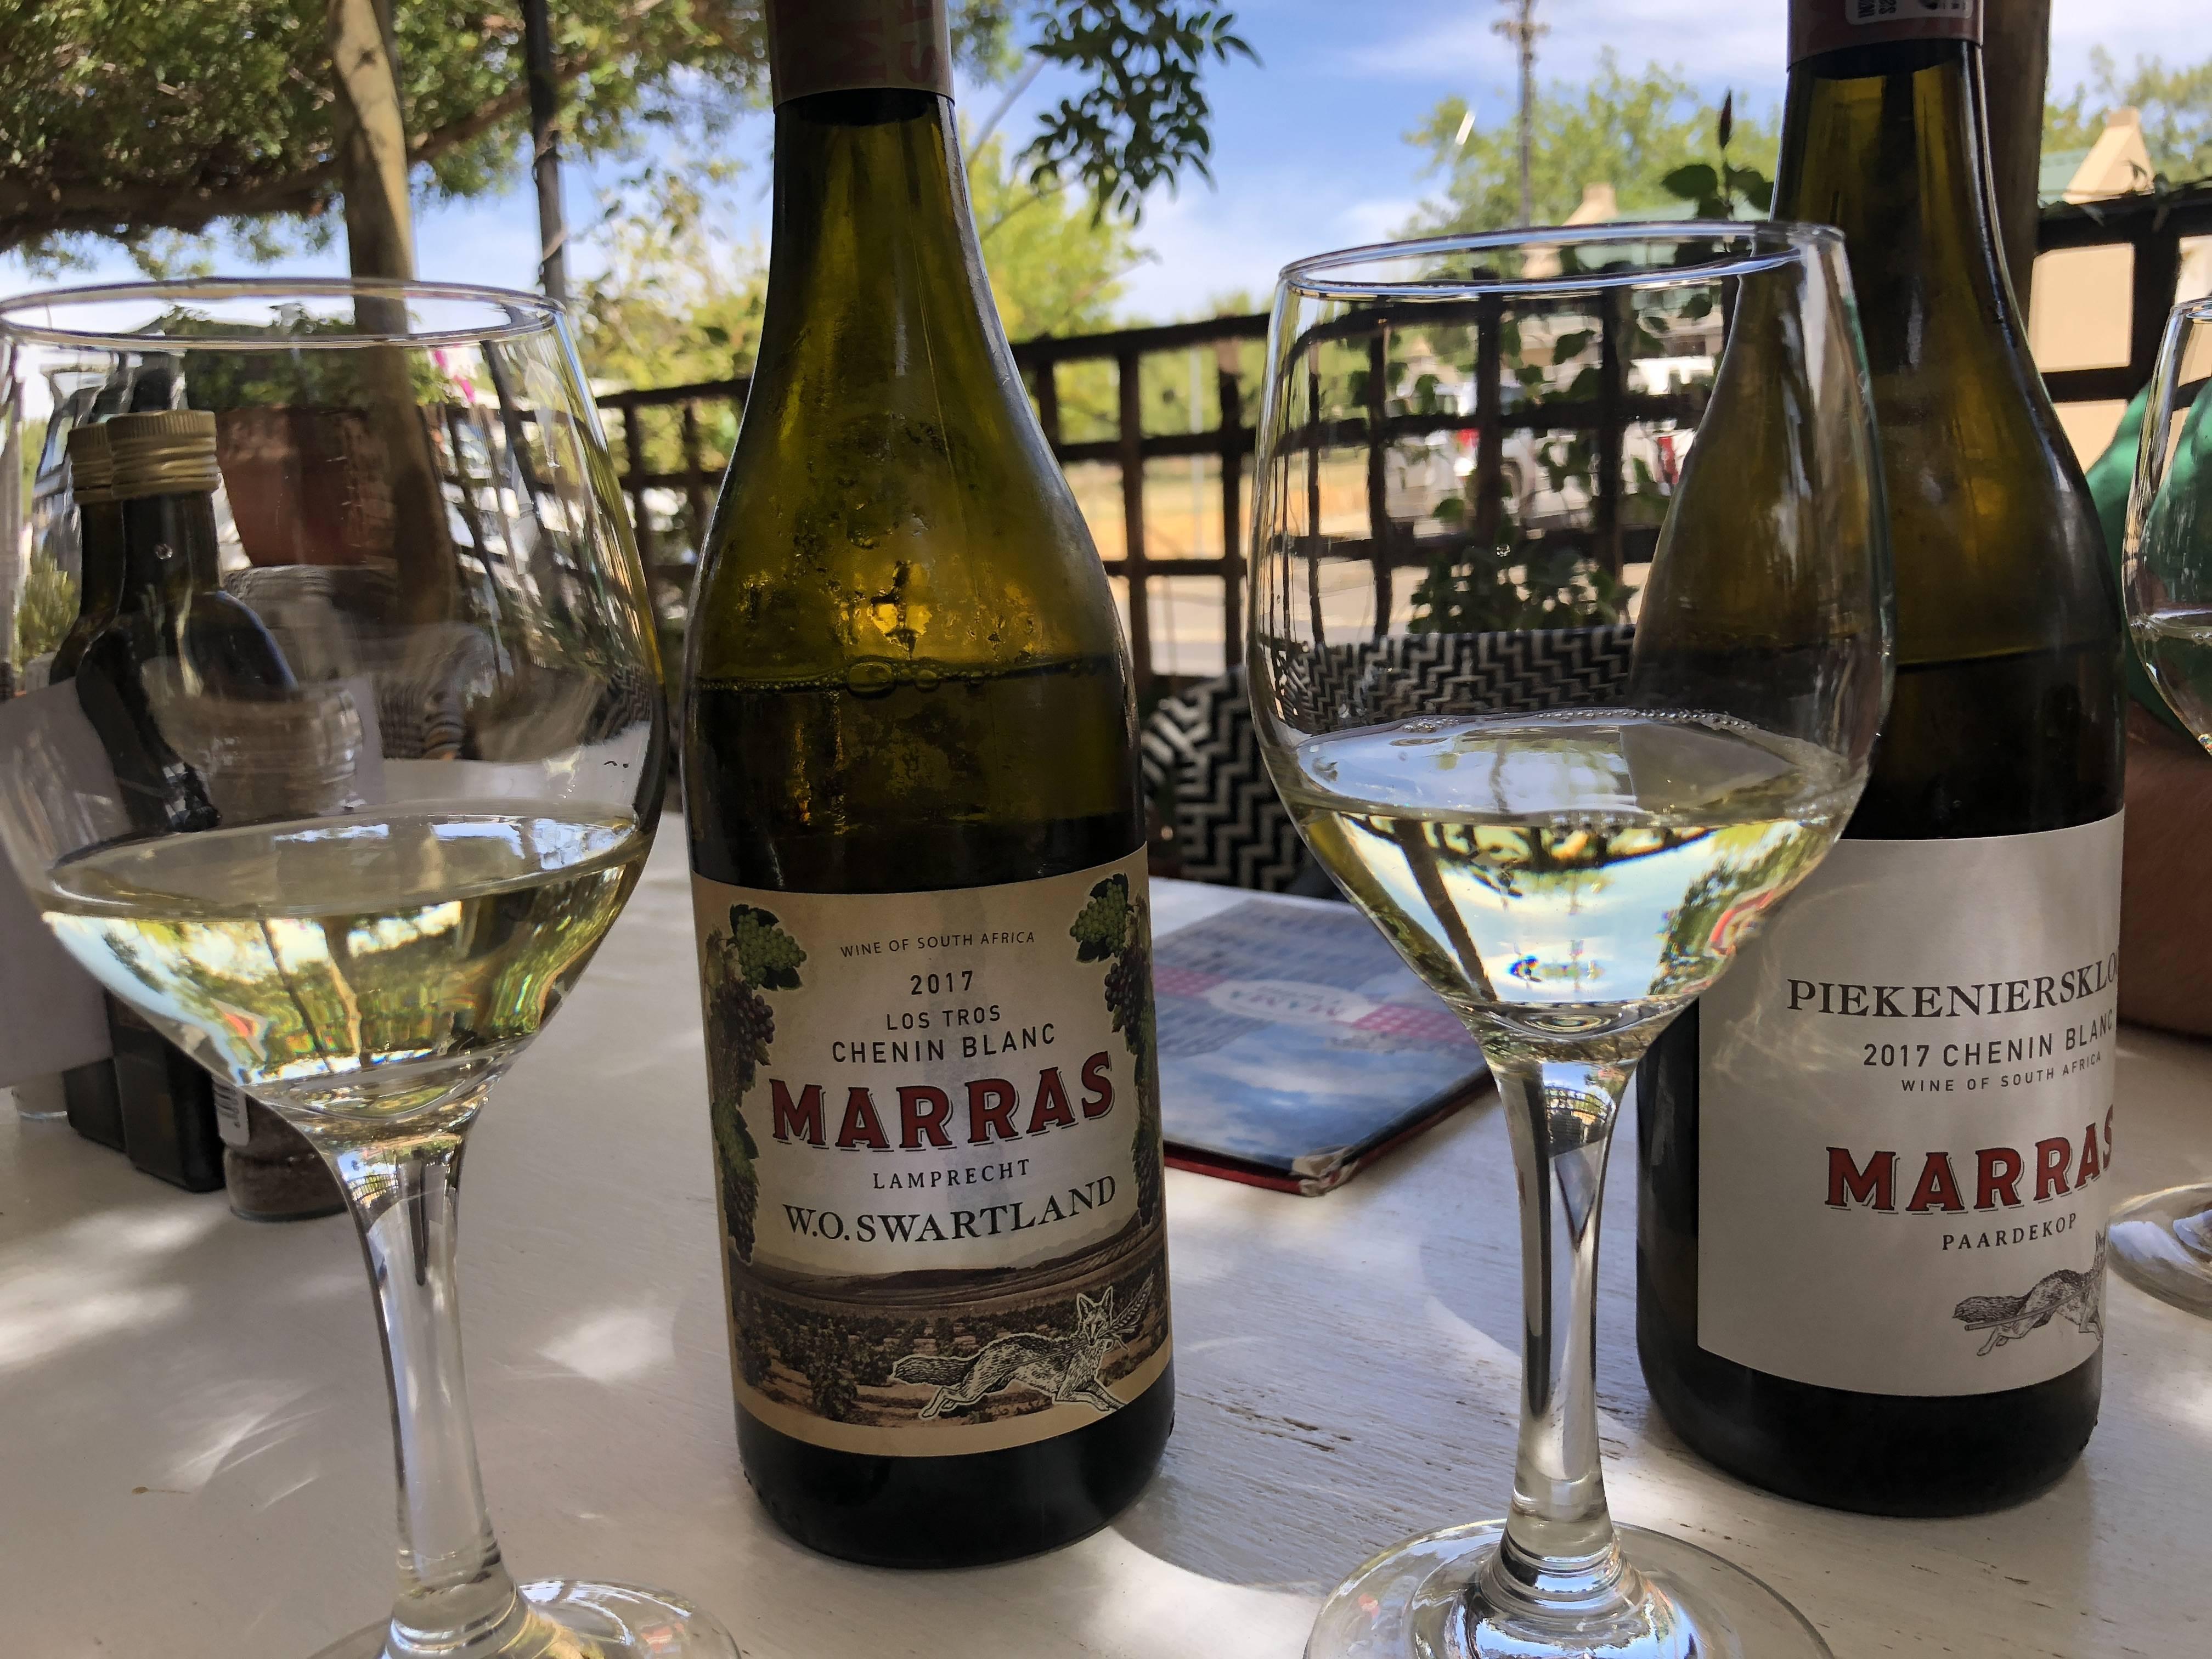 Zuid Afrikaanse Chenin Blanc Swartland en Piekenierskloof Marras